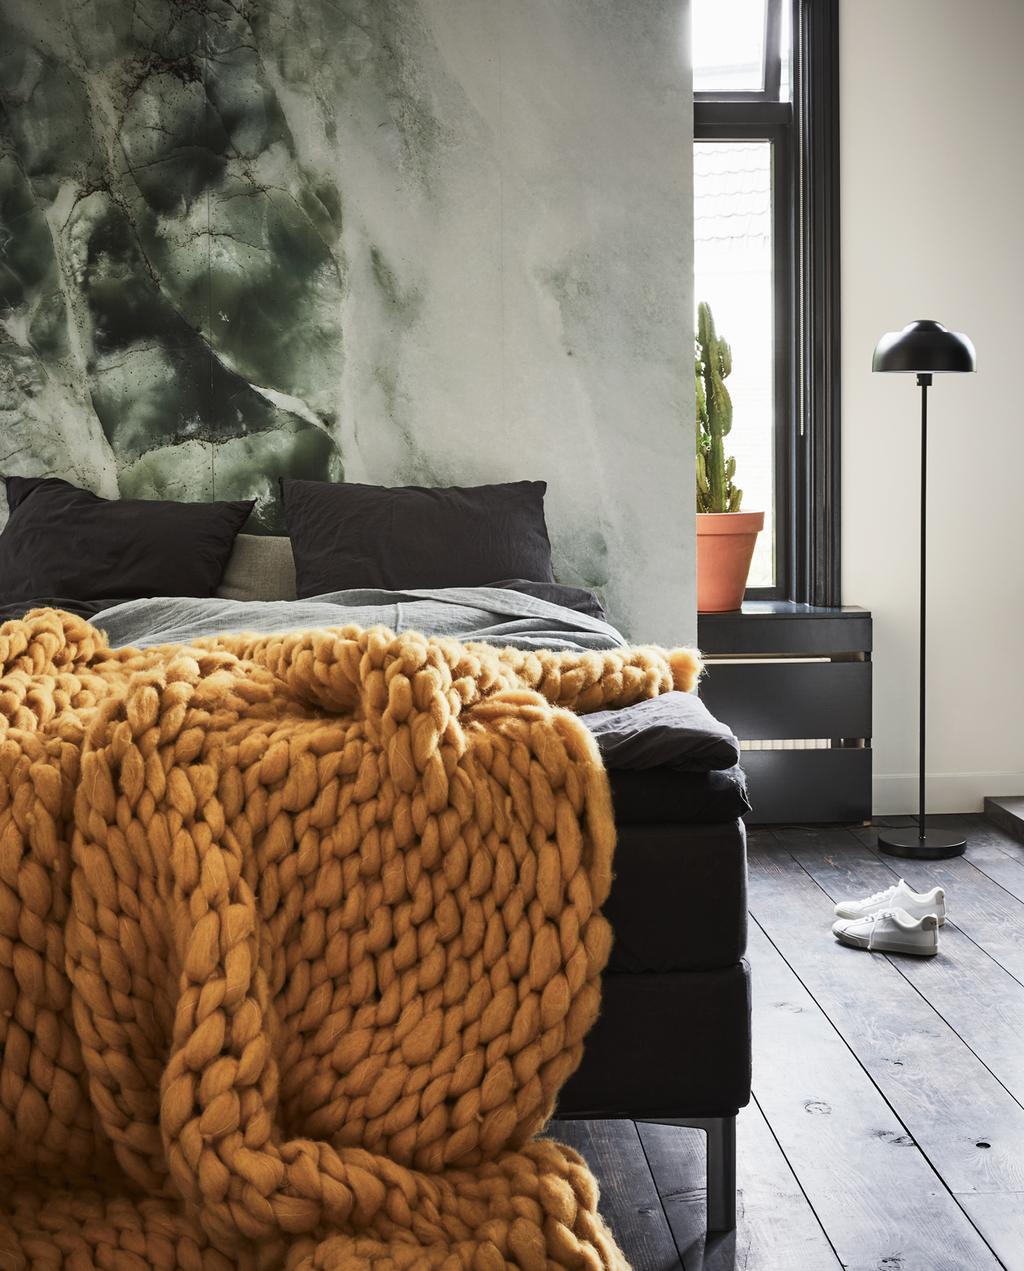 vtwonen 13-2019 | styling marmer slaapkamer